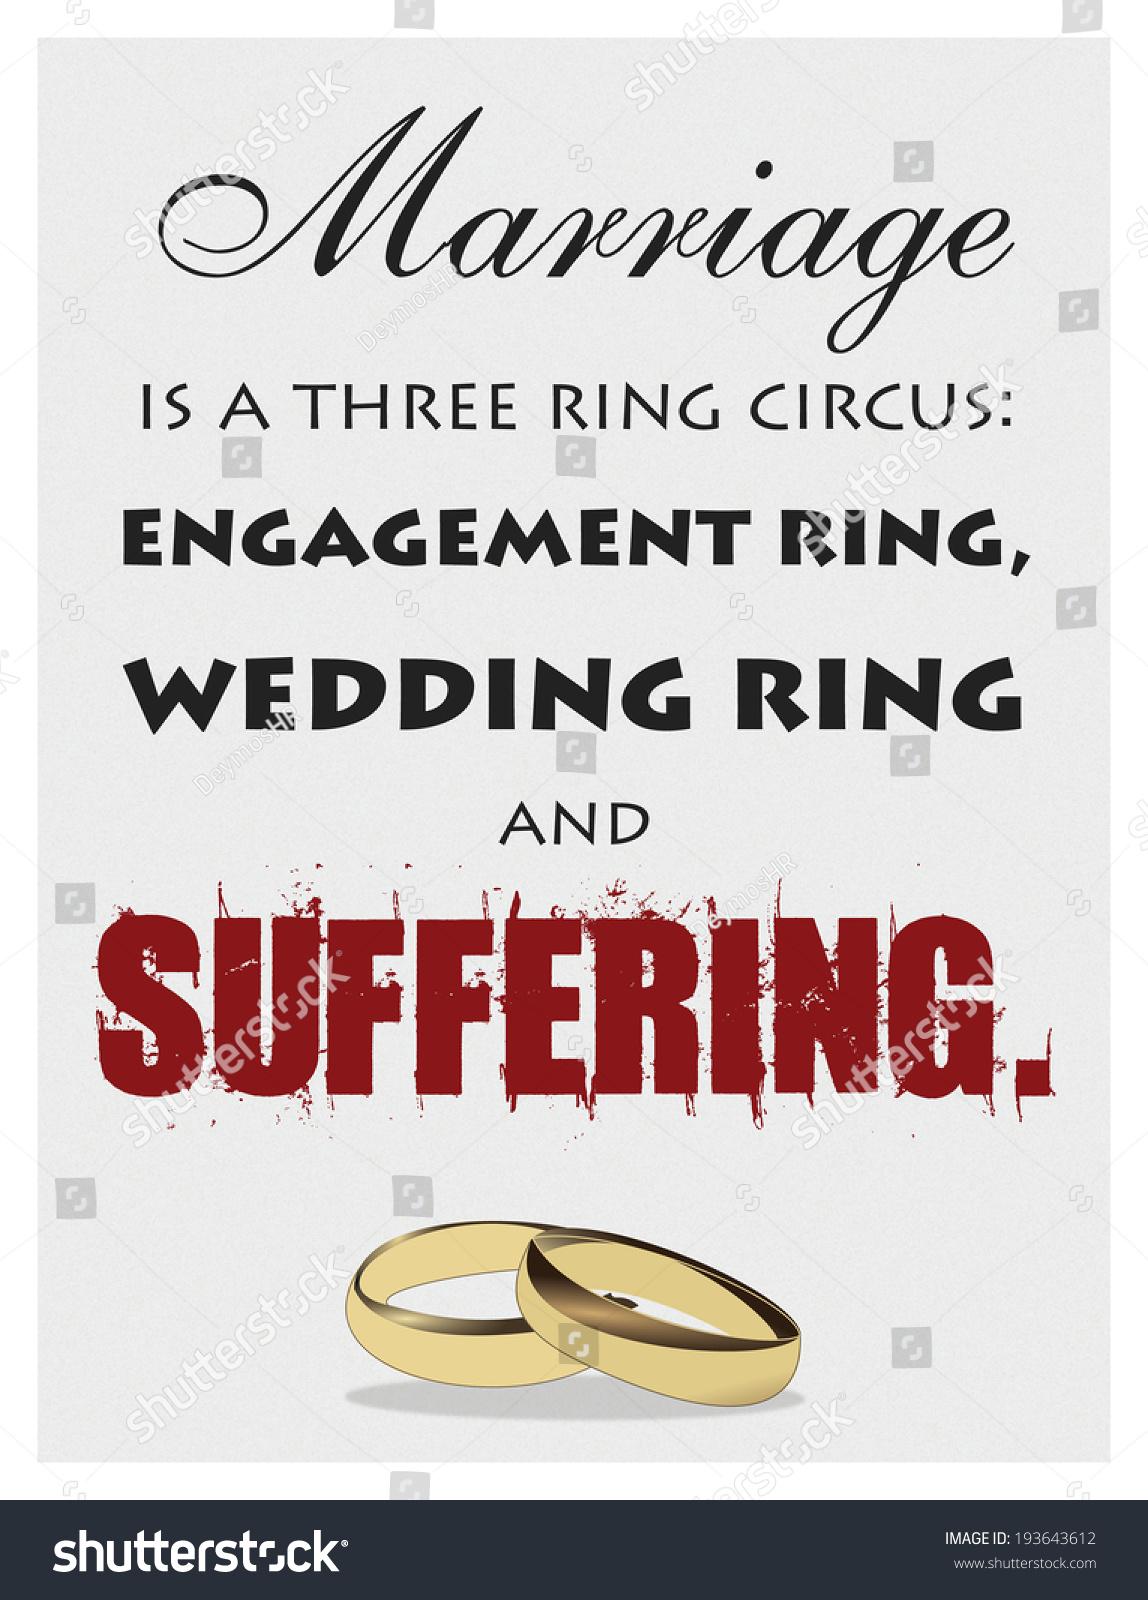 ro-komické manželství není datování